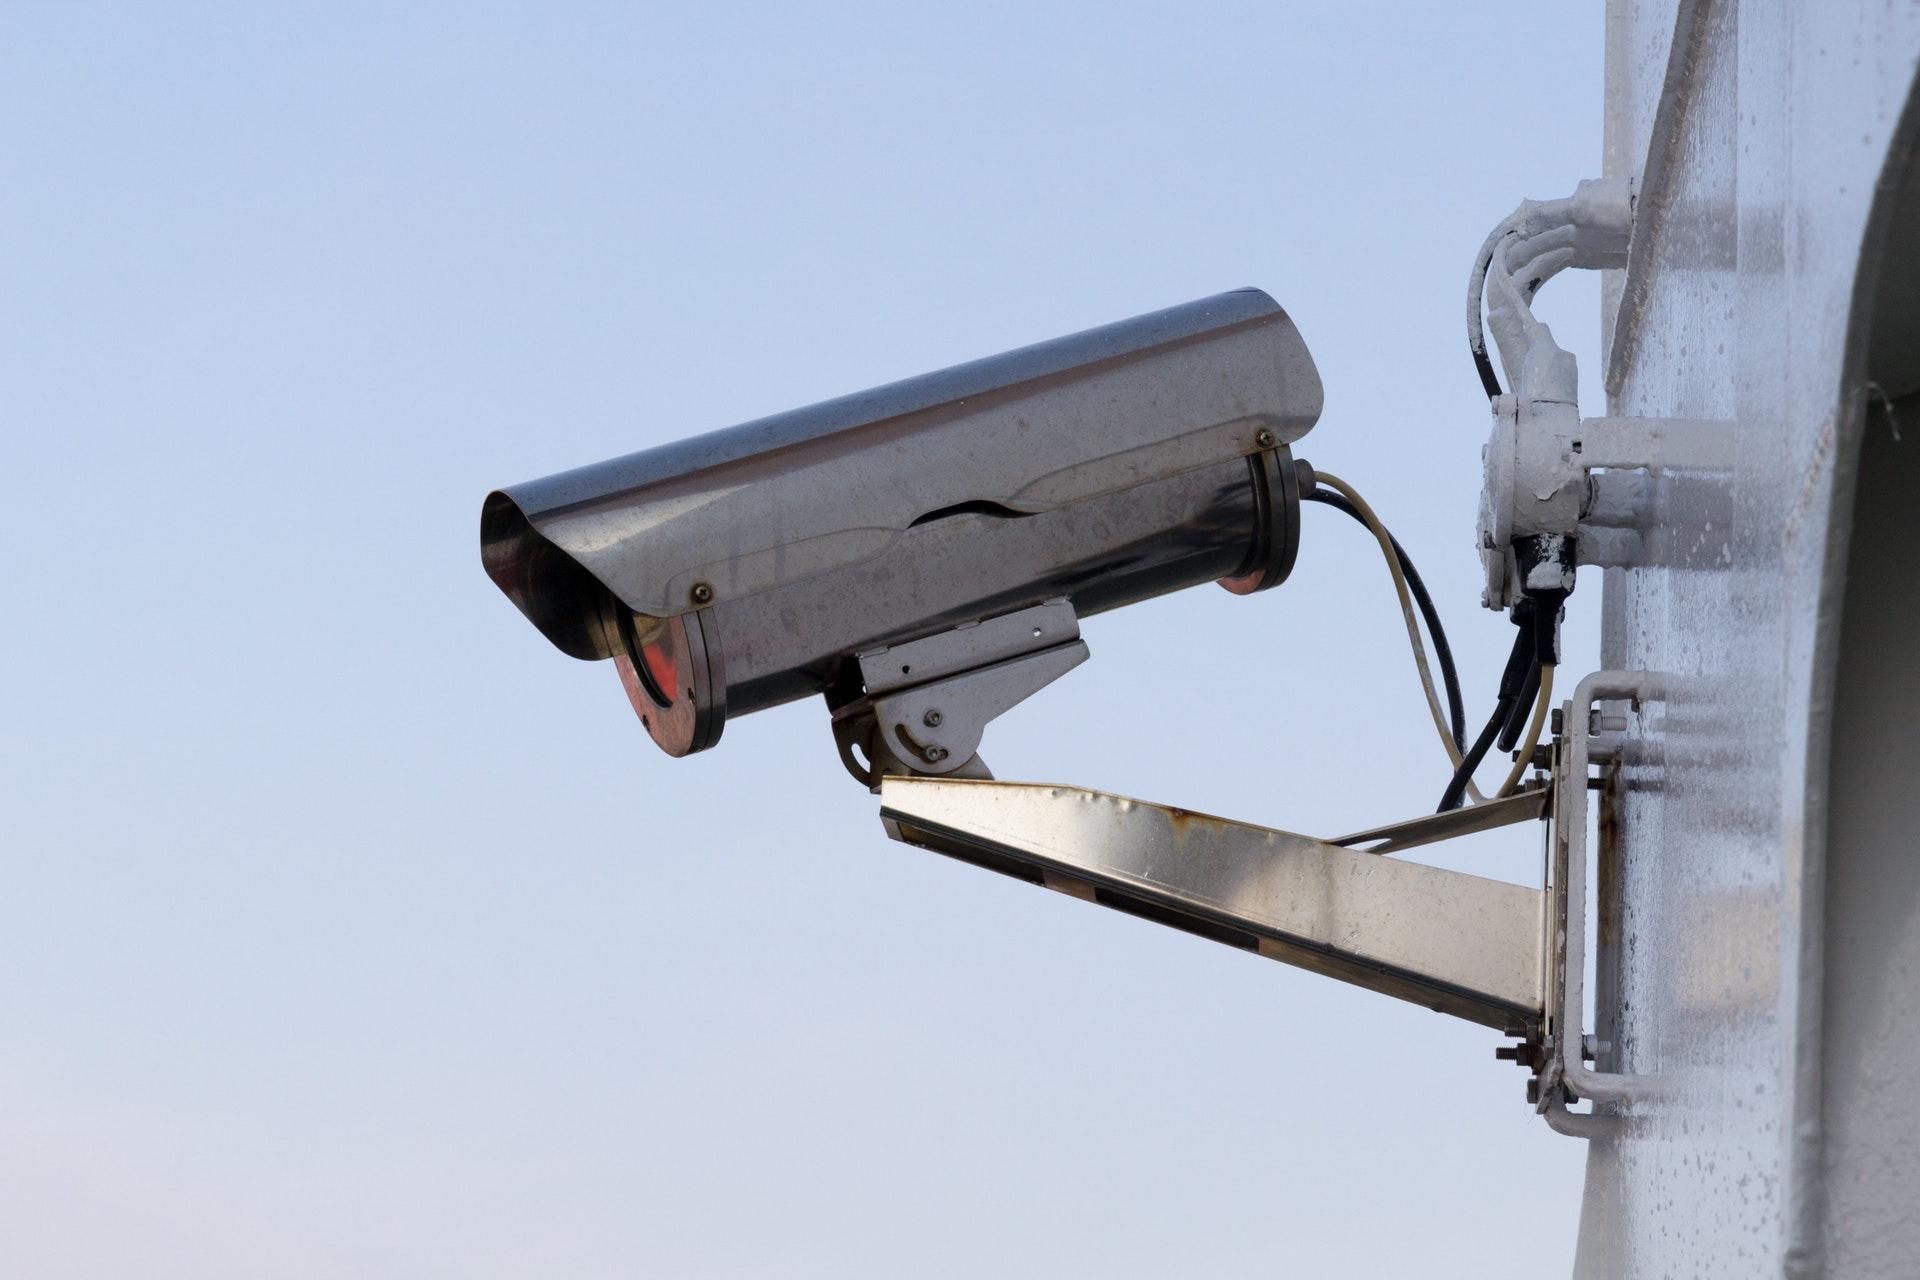 Cet outil de surveillance identifie des personnes juste en regardant comment elles marchent